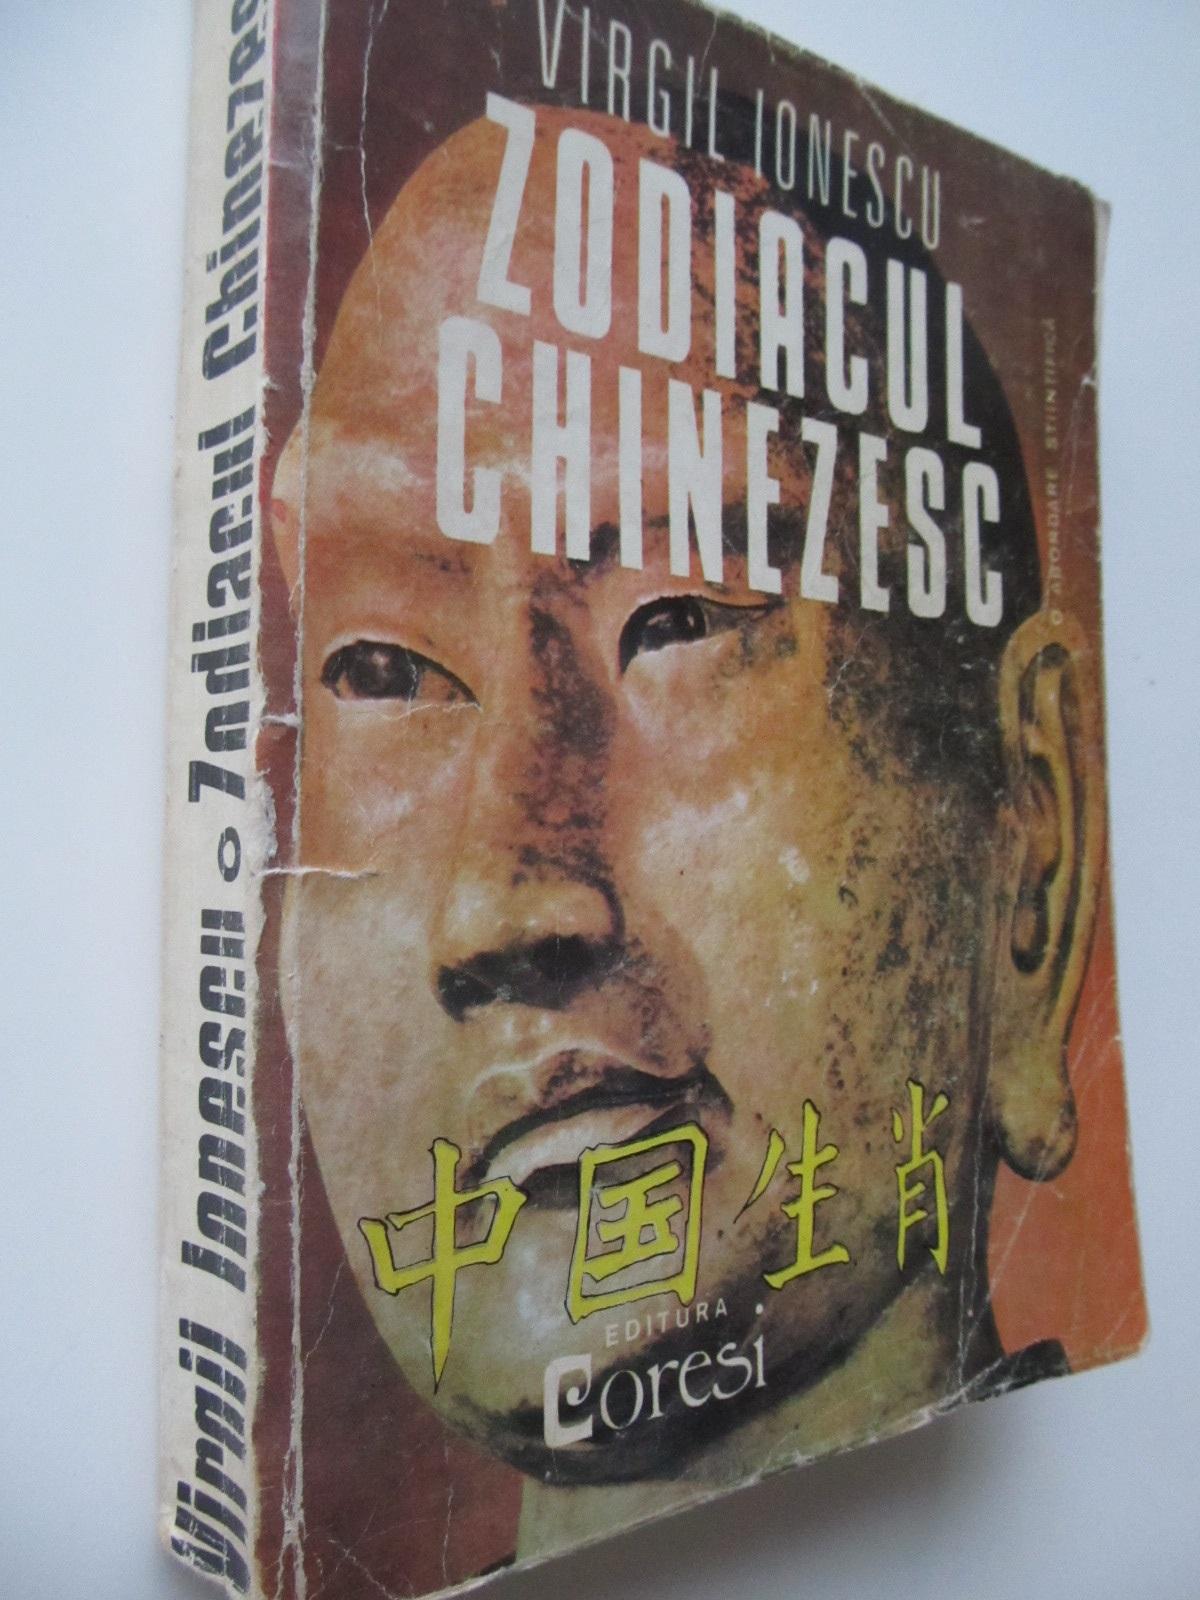 Zodiacul chinezesc - O abordare stiintifica (format mare) , 559 pag. - Virgil Ionescu | Detalii carte